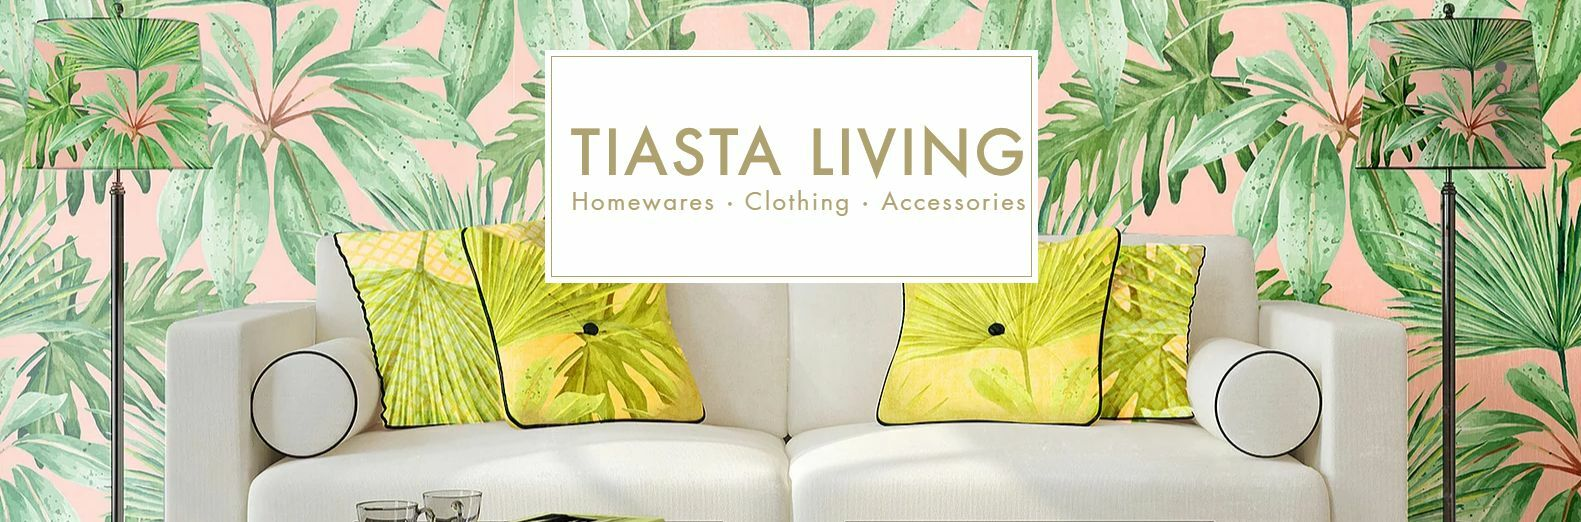 Tiasta Living